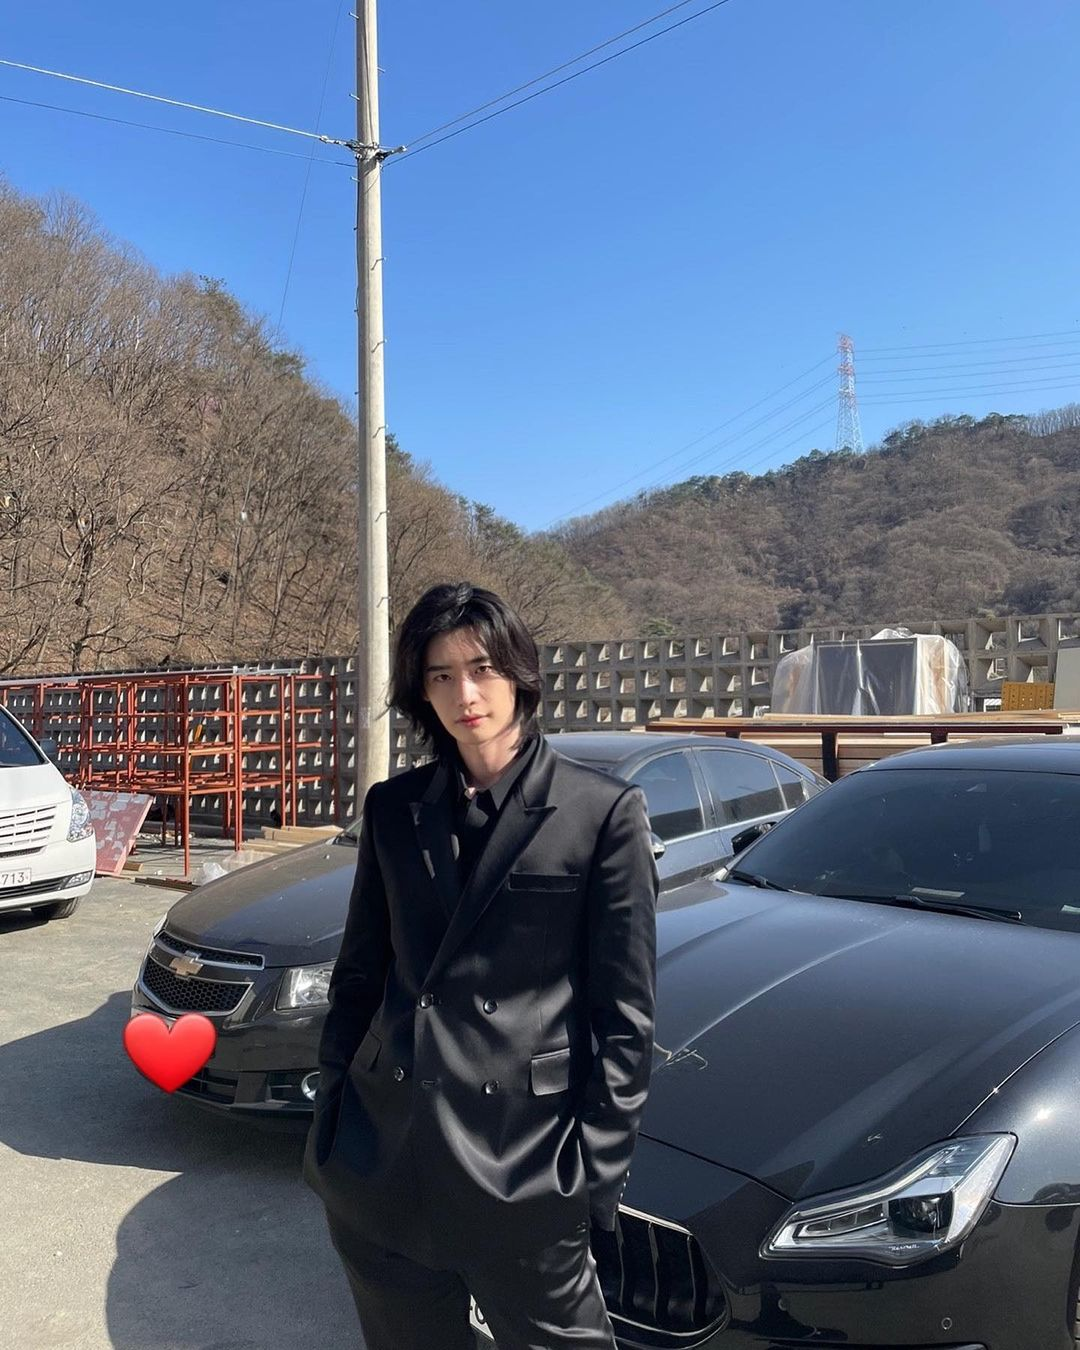 Korean actors who've established their own agencies: Lee Jong Suk